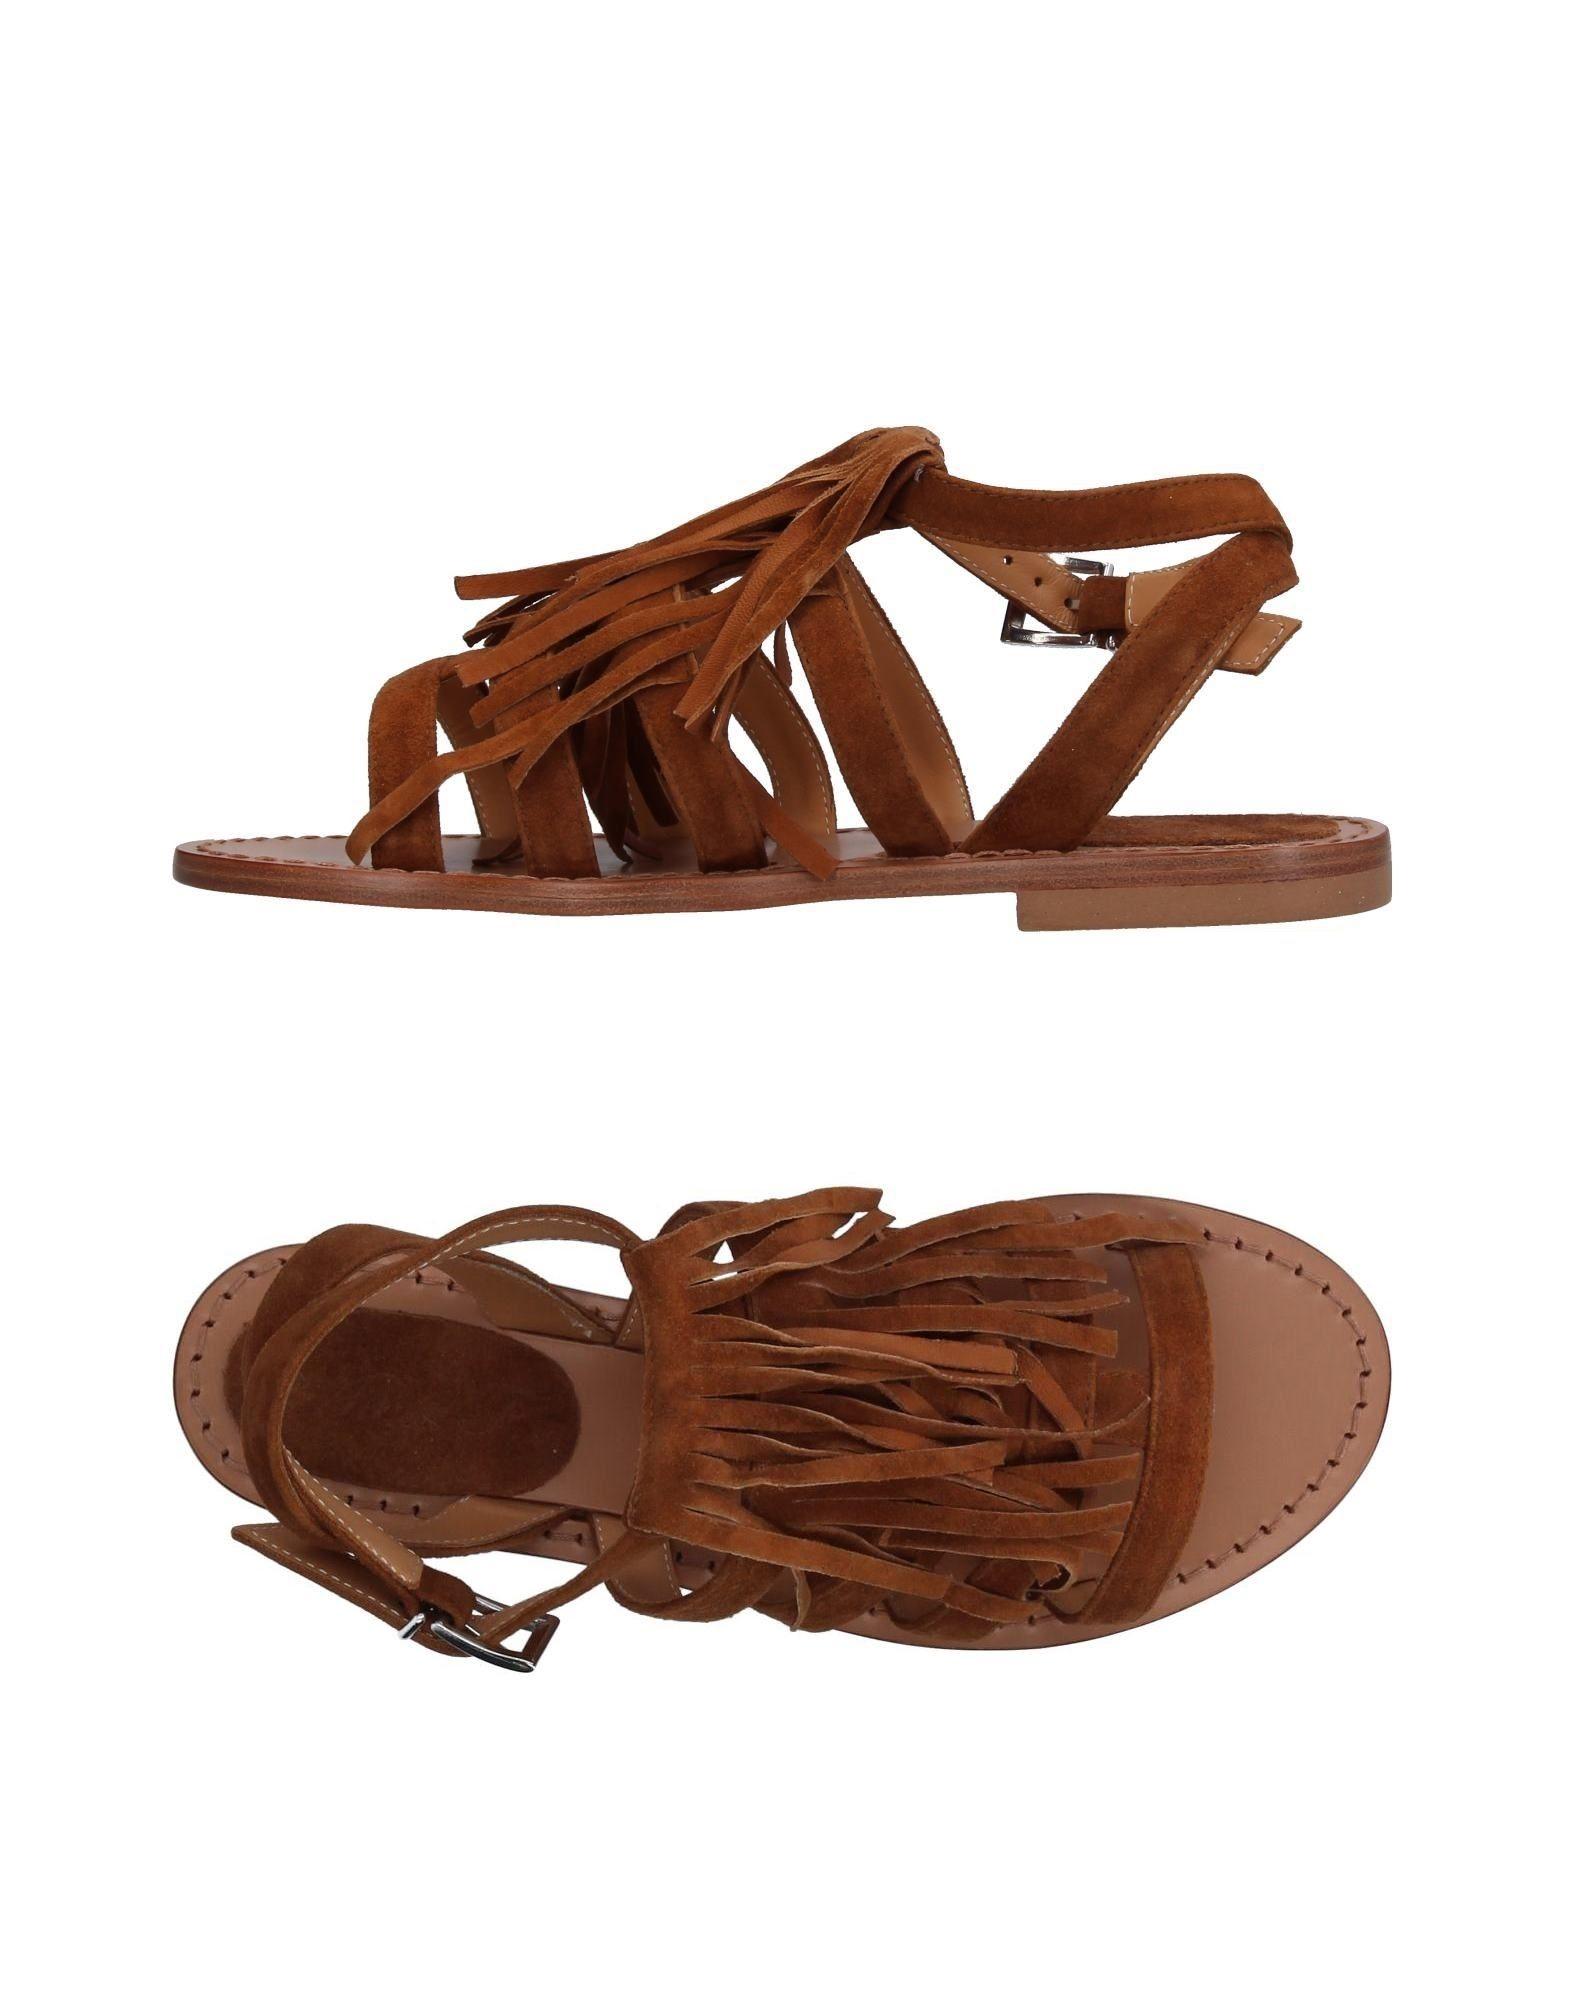 Anna F. Sandalen Damen  11369648JK Gute Qualität beliebte Schuhe